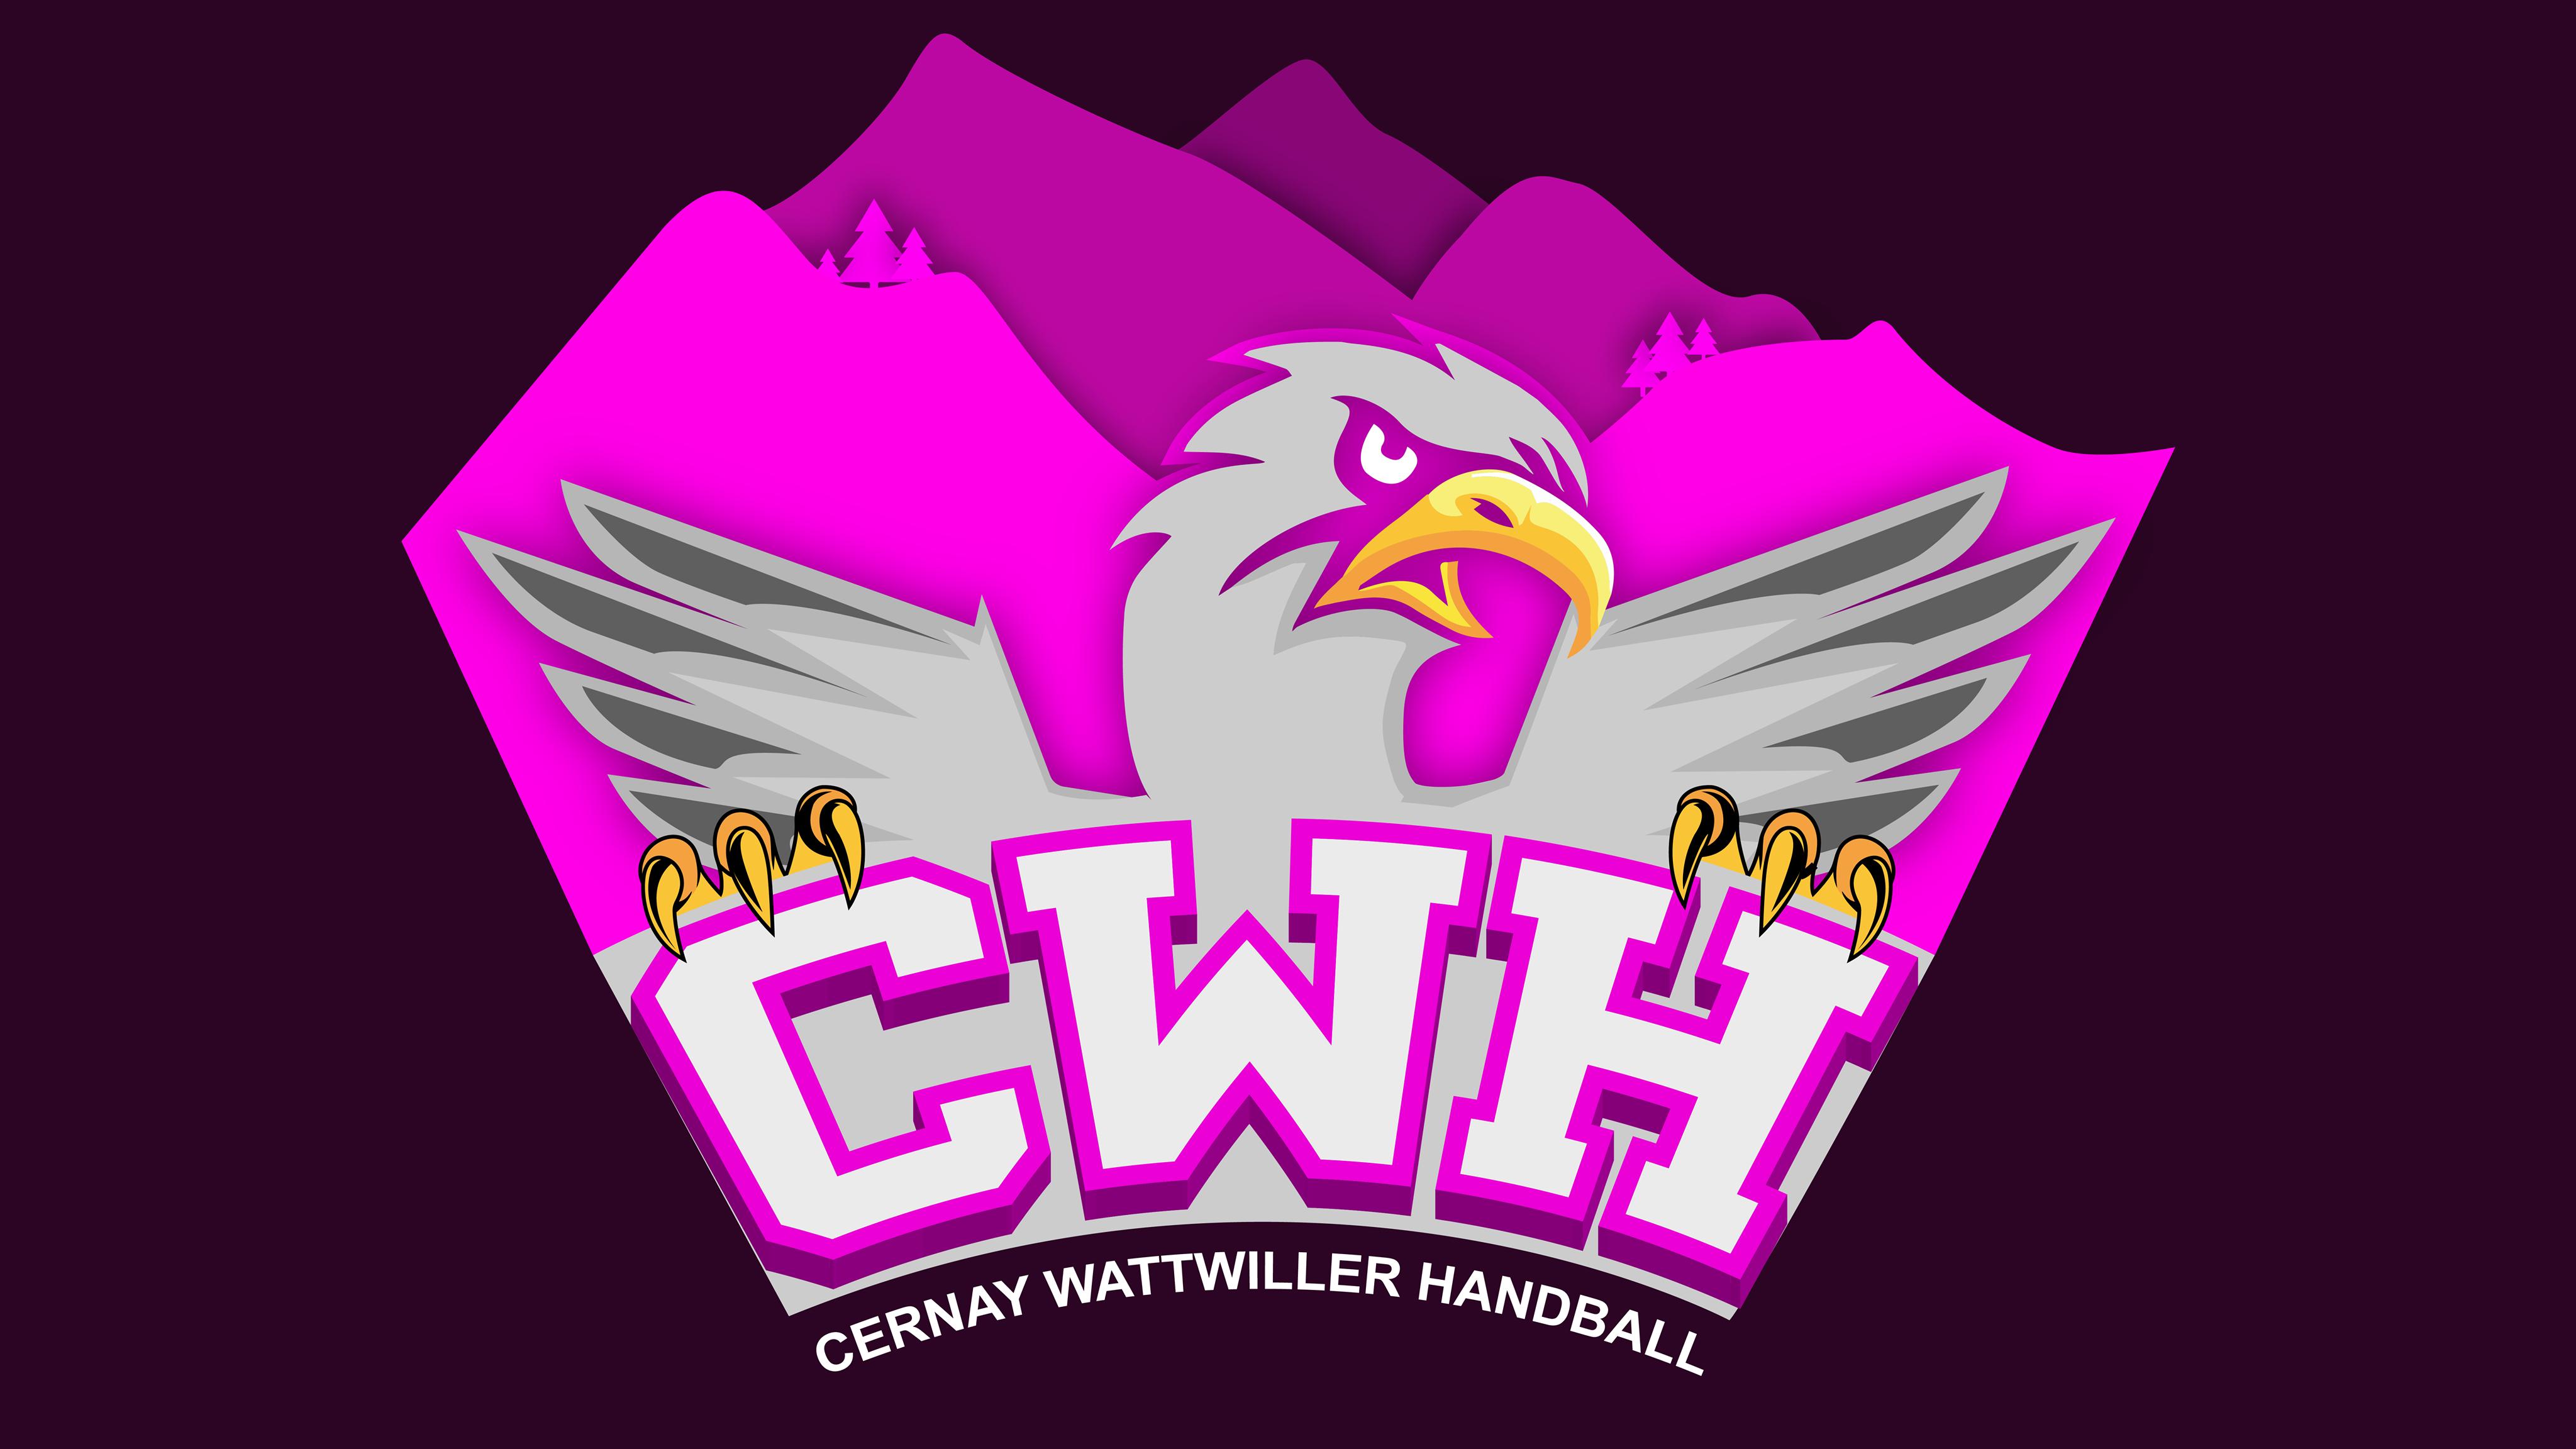 MONTFERMEIL HANDBALL VS CERNAY/WATTWILLER HANDBALL